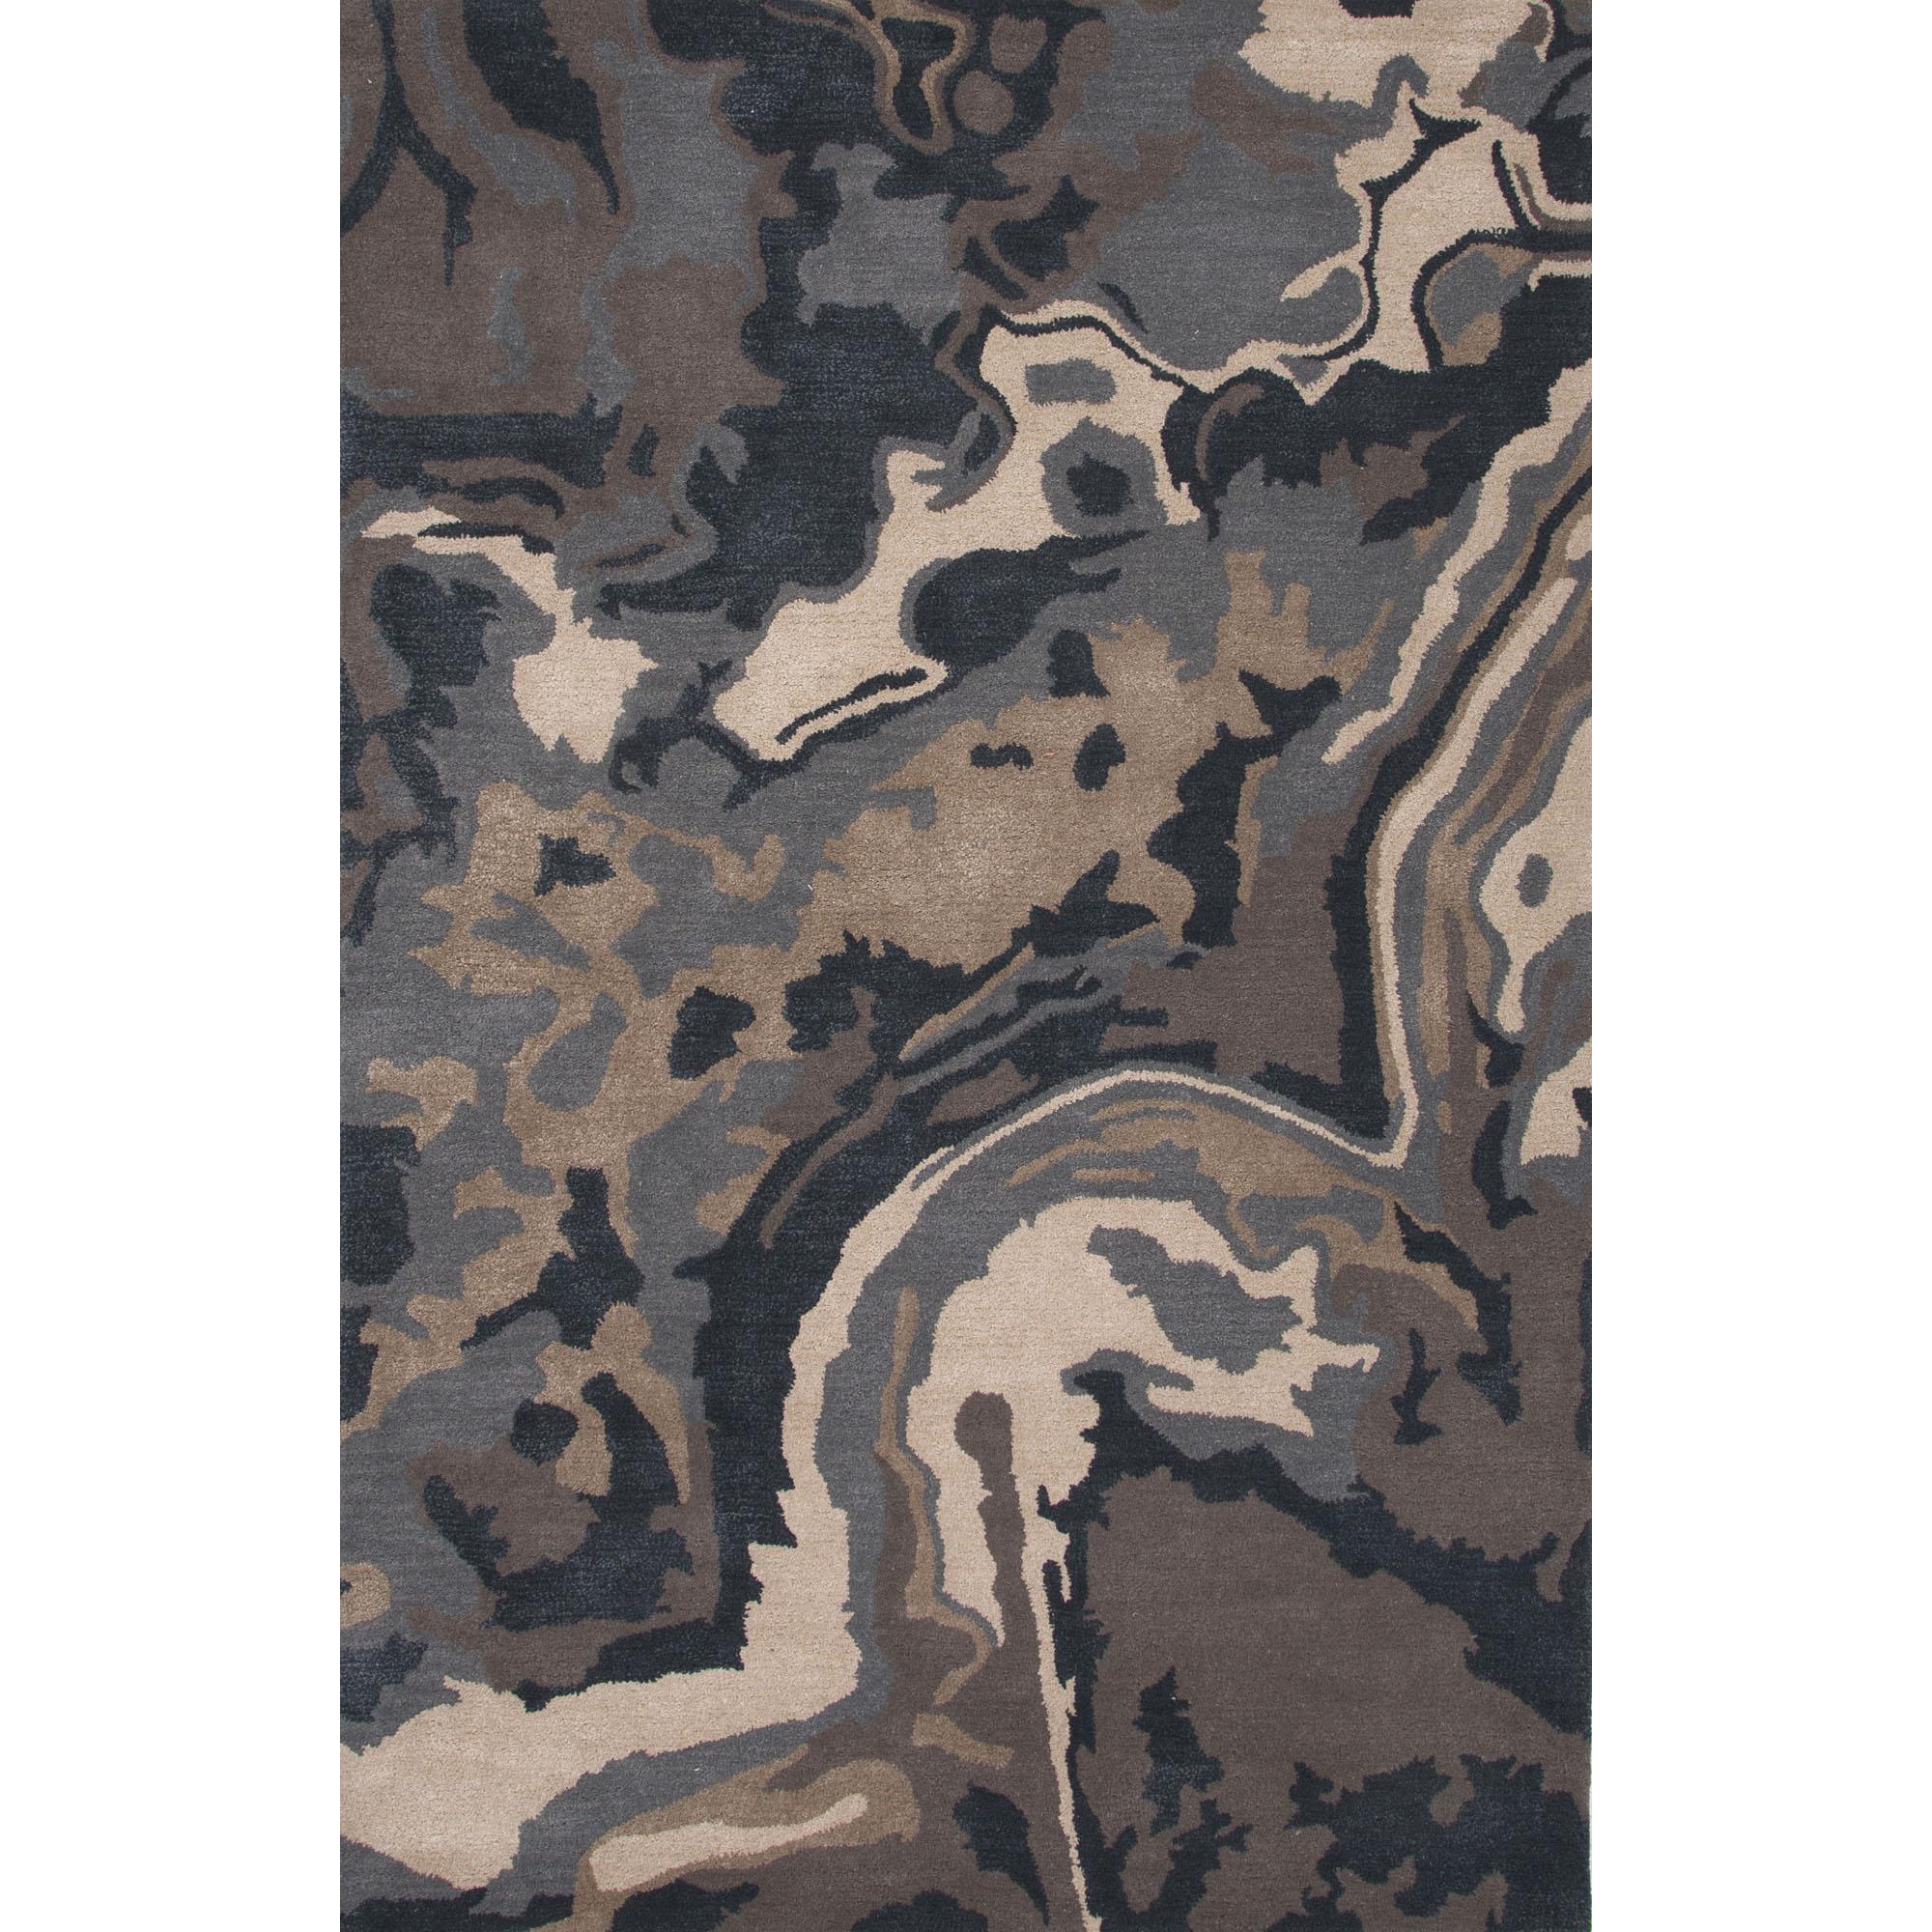 JAIPUR Rugs Blue 5 x 8 Rug - Item Number: RUG119745